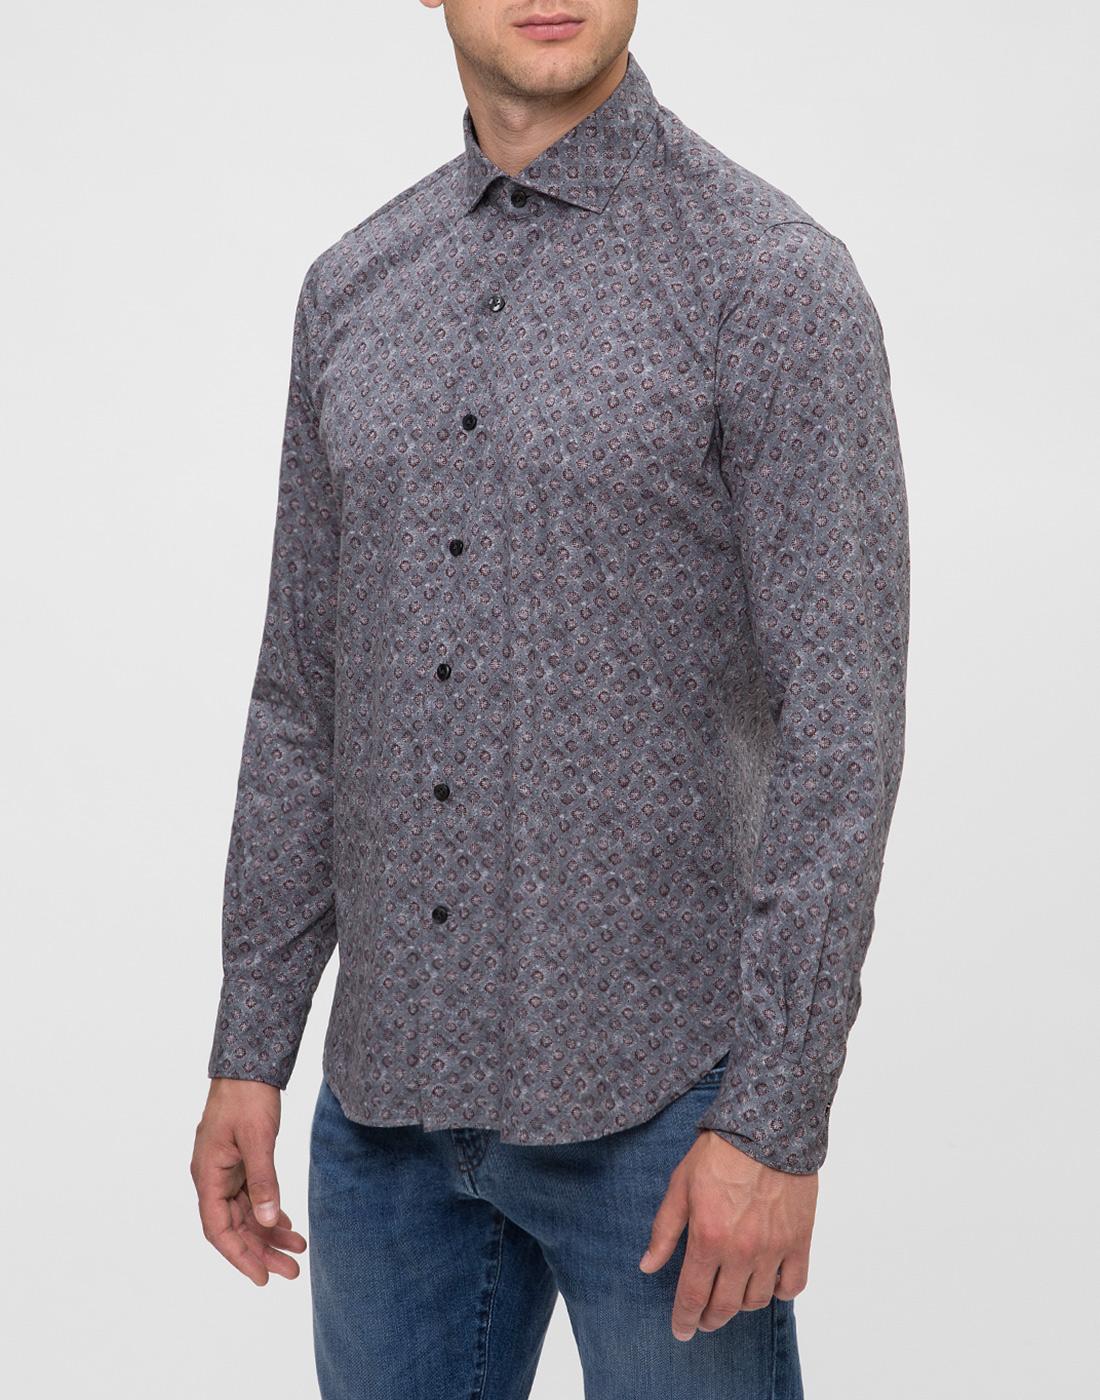 Мужская серая рубашка с принтом Orian S02P258 80-3